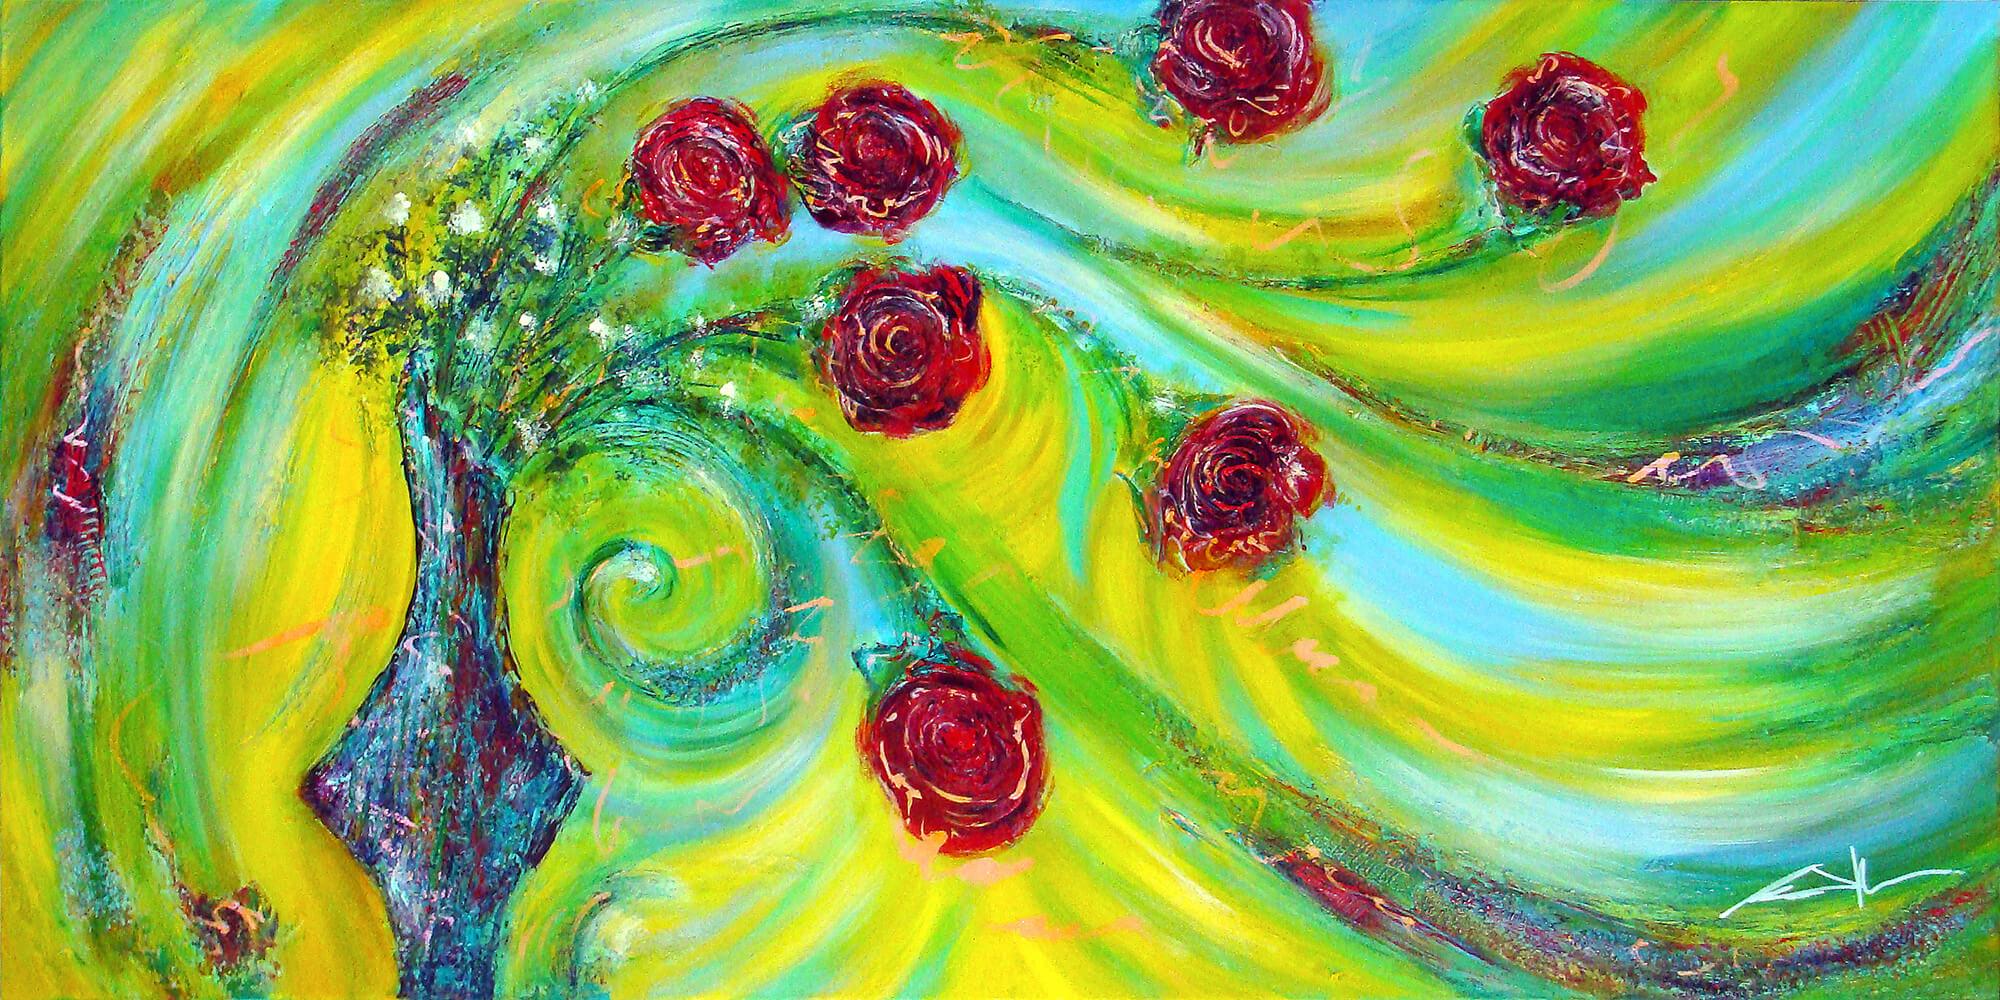 art-eric-j-hughes-peintre-tableau-folie-des-roses